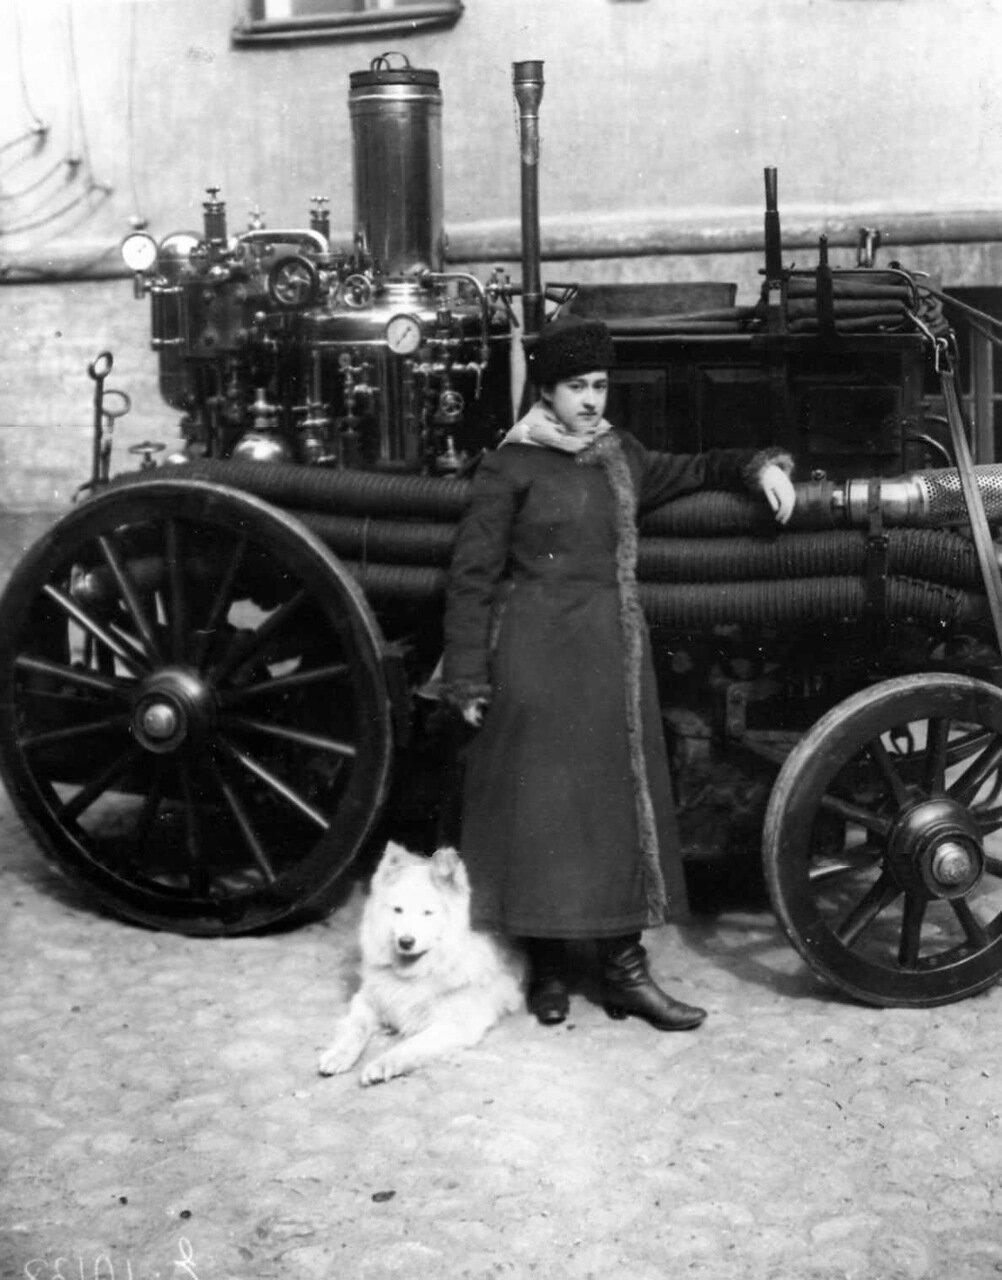 04. Первая женщина пожарный Ермолова у повозки с пожарным оборудованием. 1910